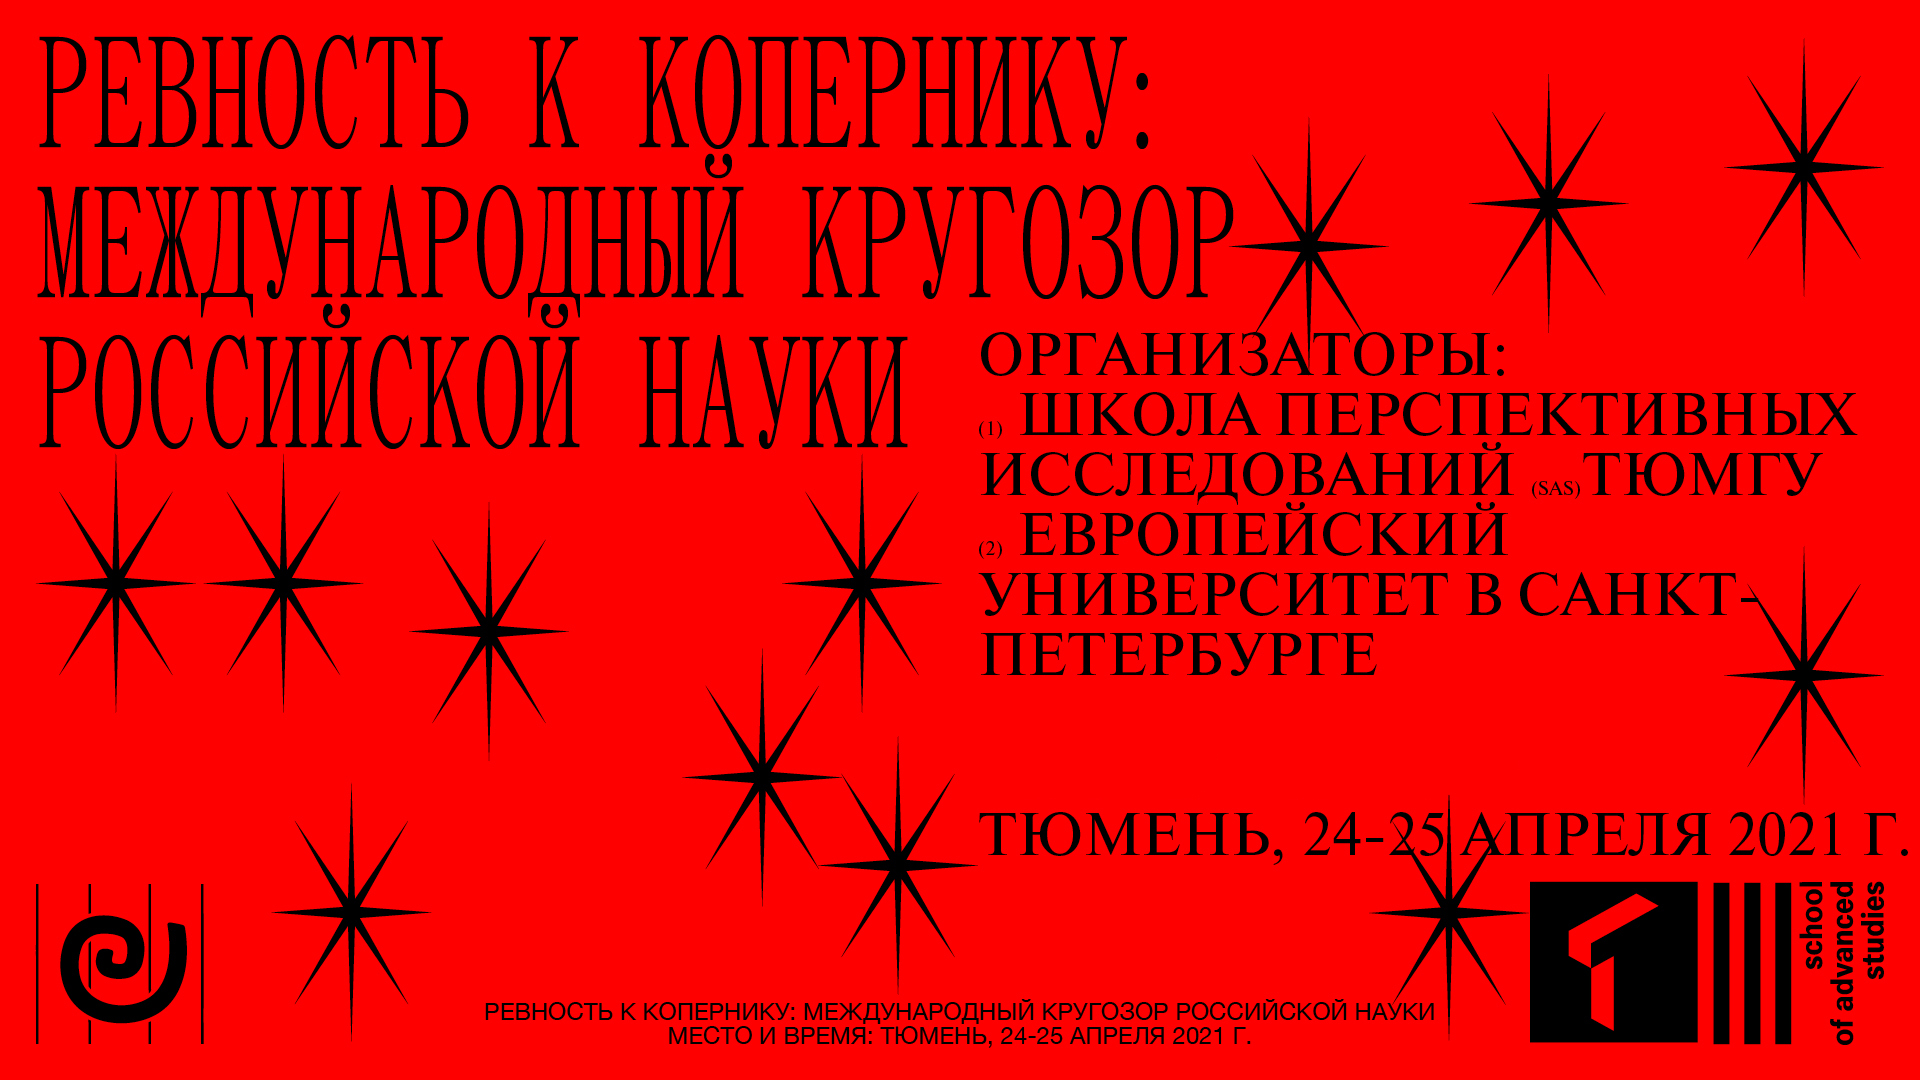 Ревность к Копернику: <br>международный кругозор российской науки